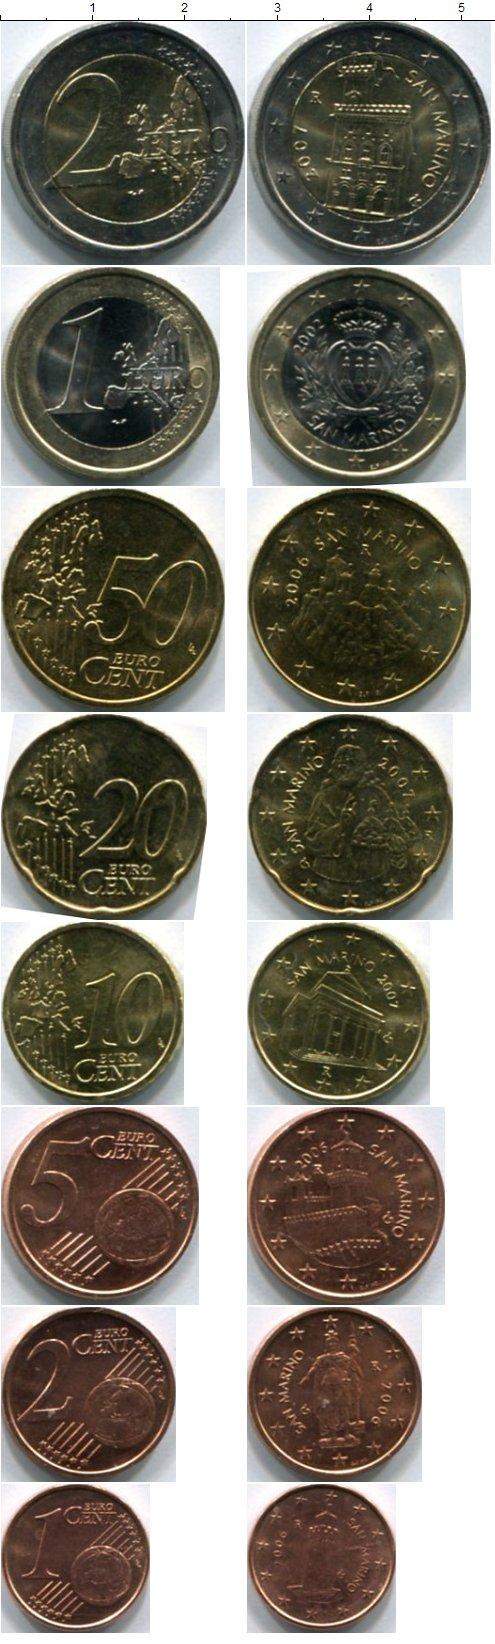 Картинка Наборы монет Сан-Марино Сан-Марино 2006-2012  0